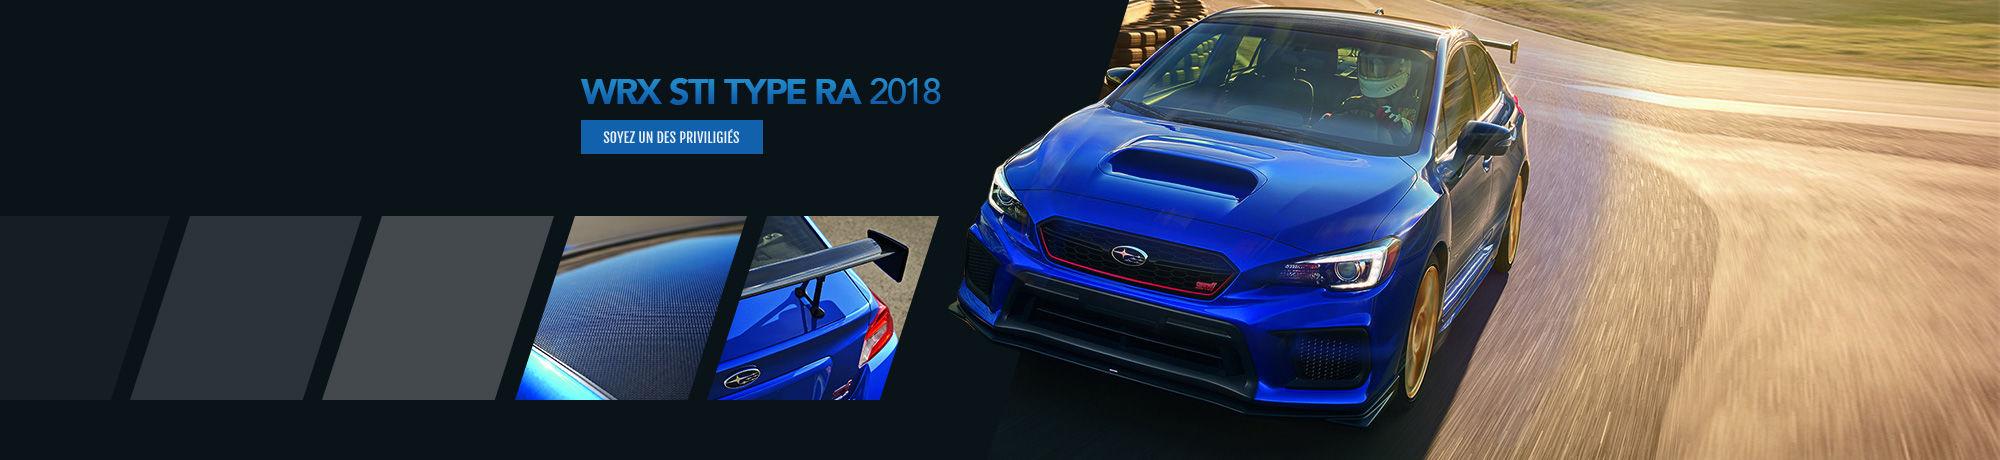 WRX STI TYPE RA 2018